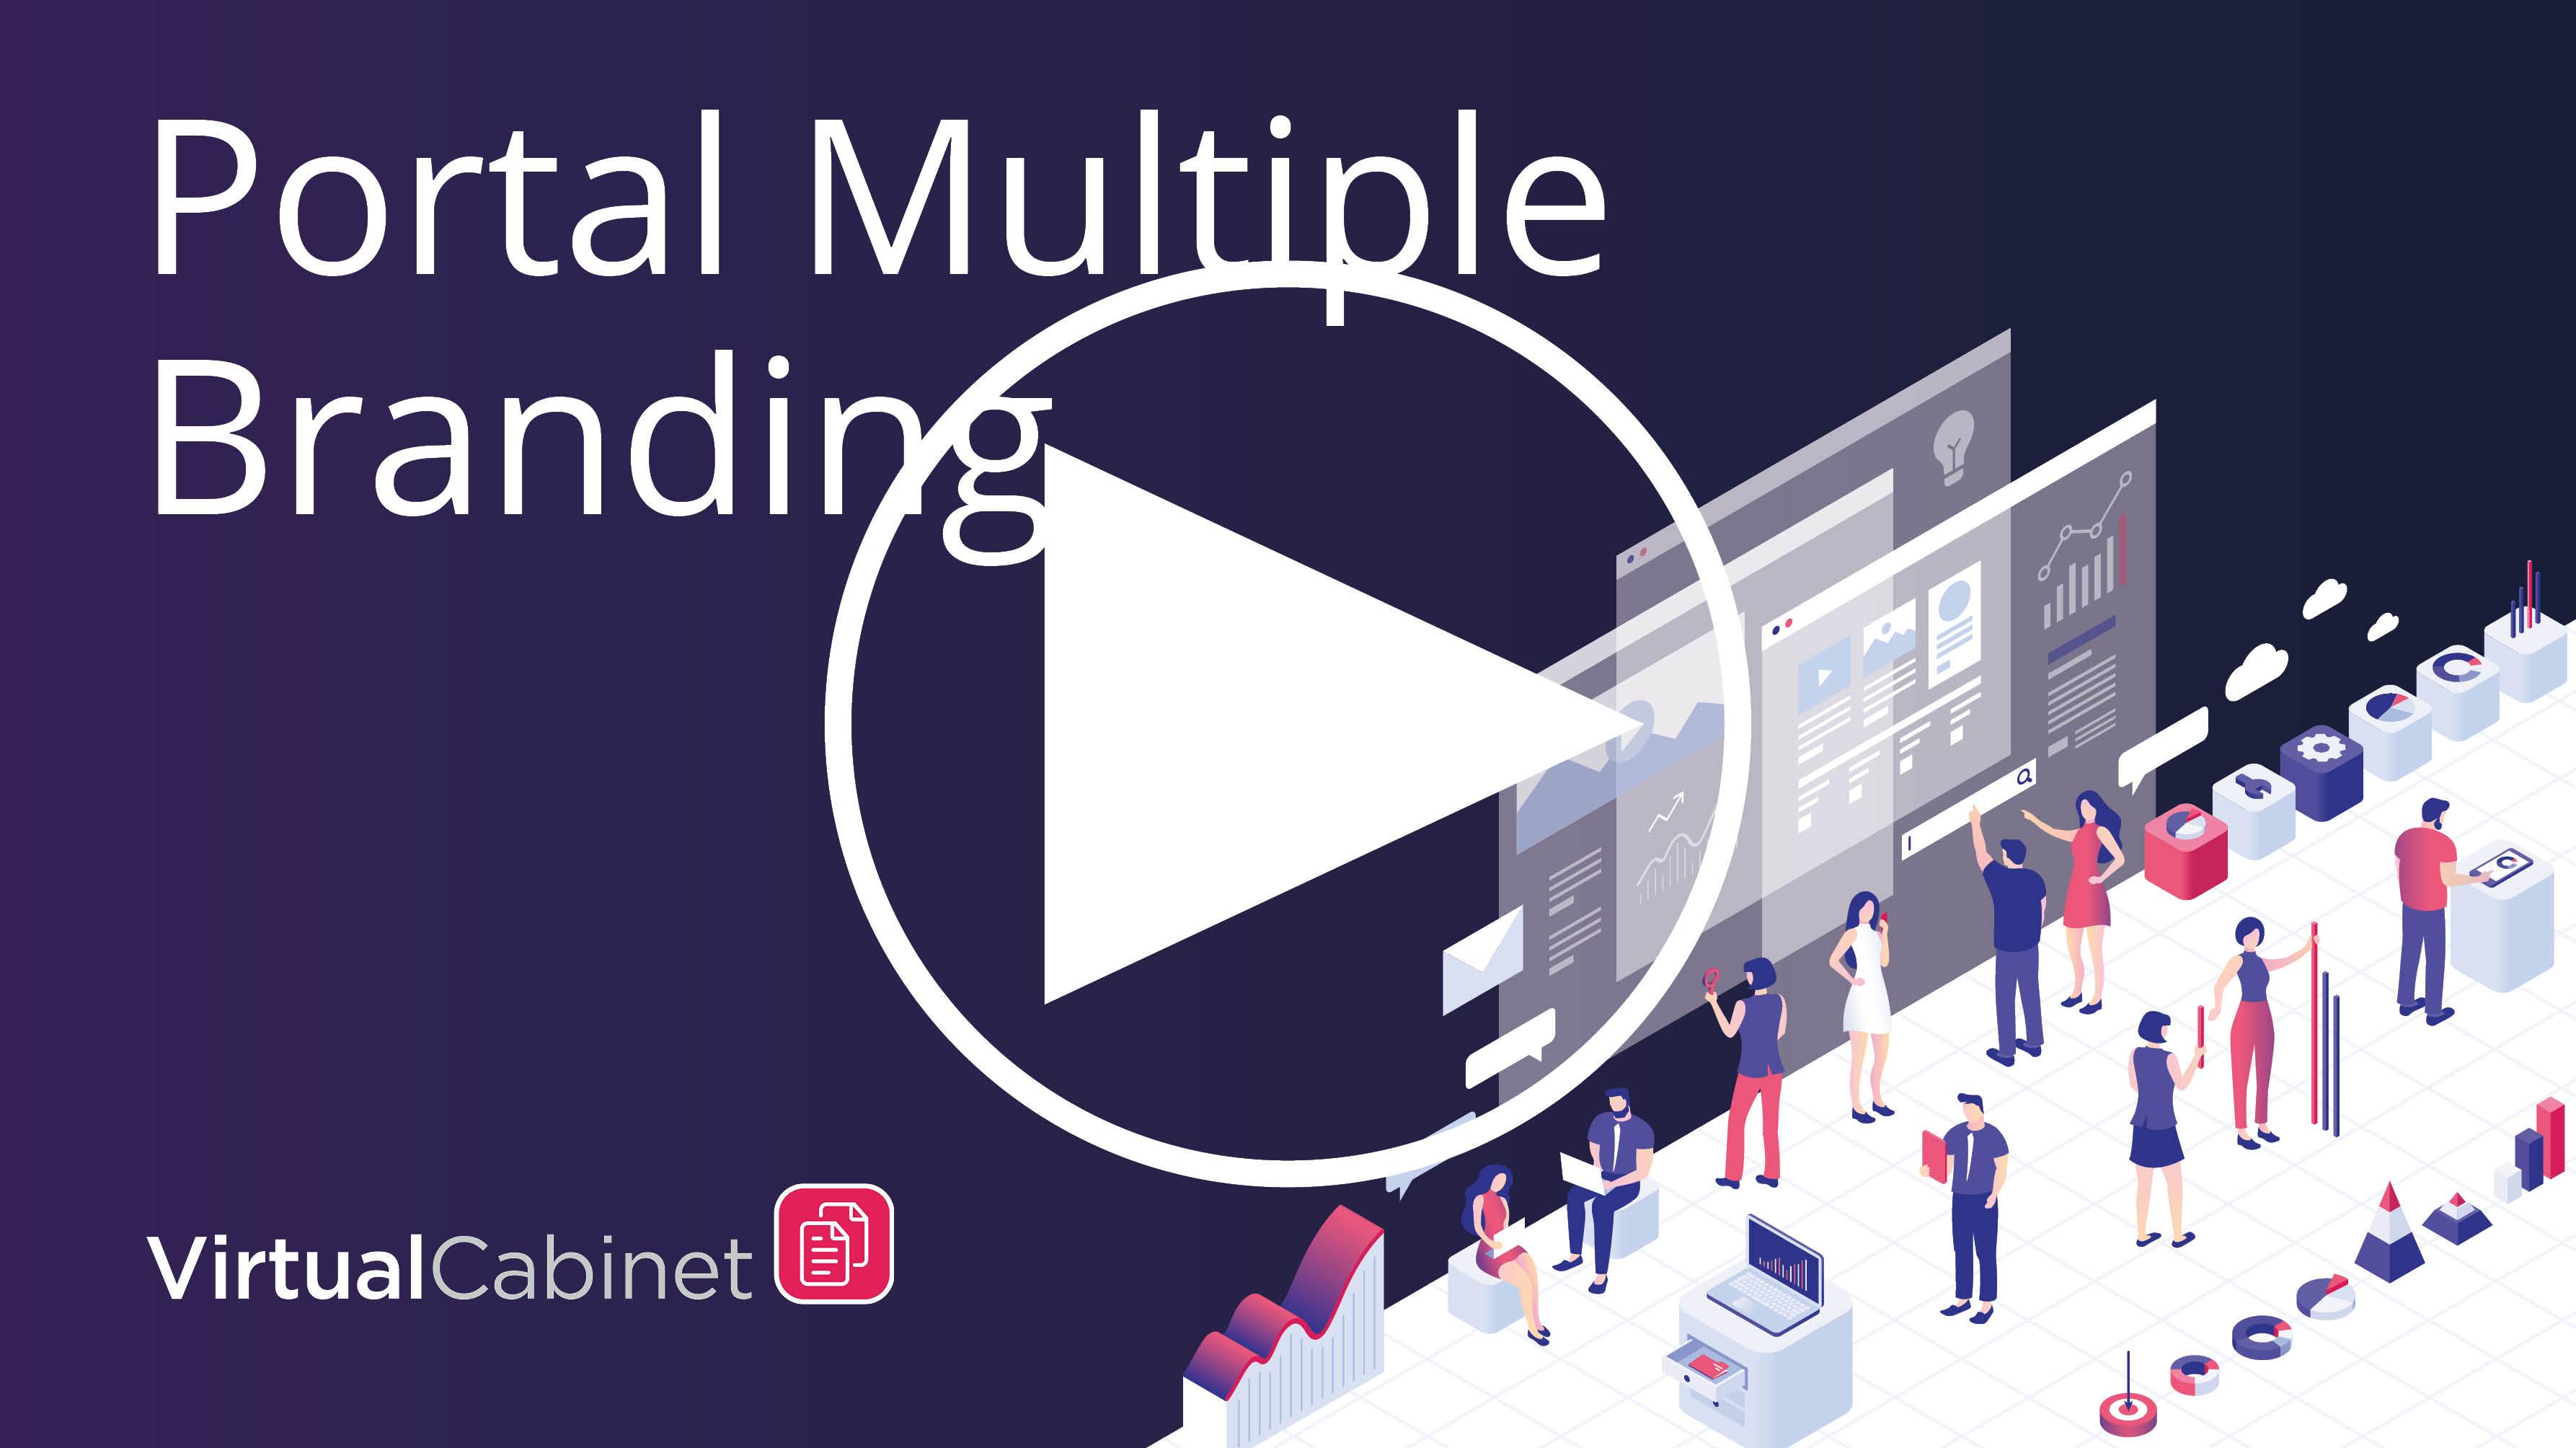 Portal Multiple Branding Video